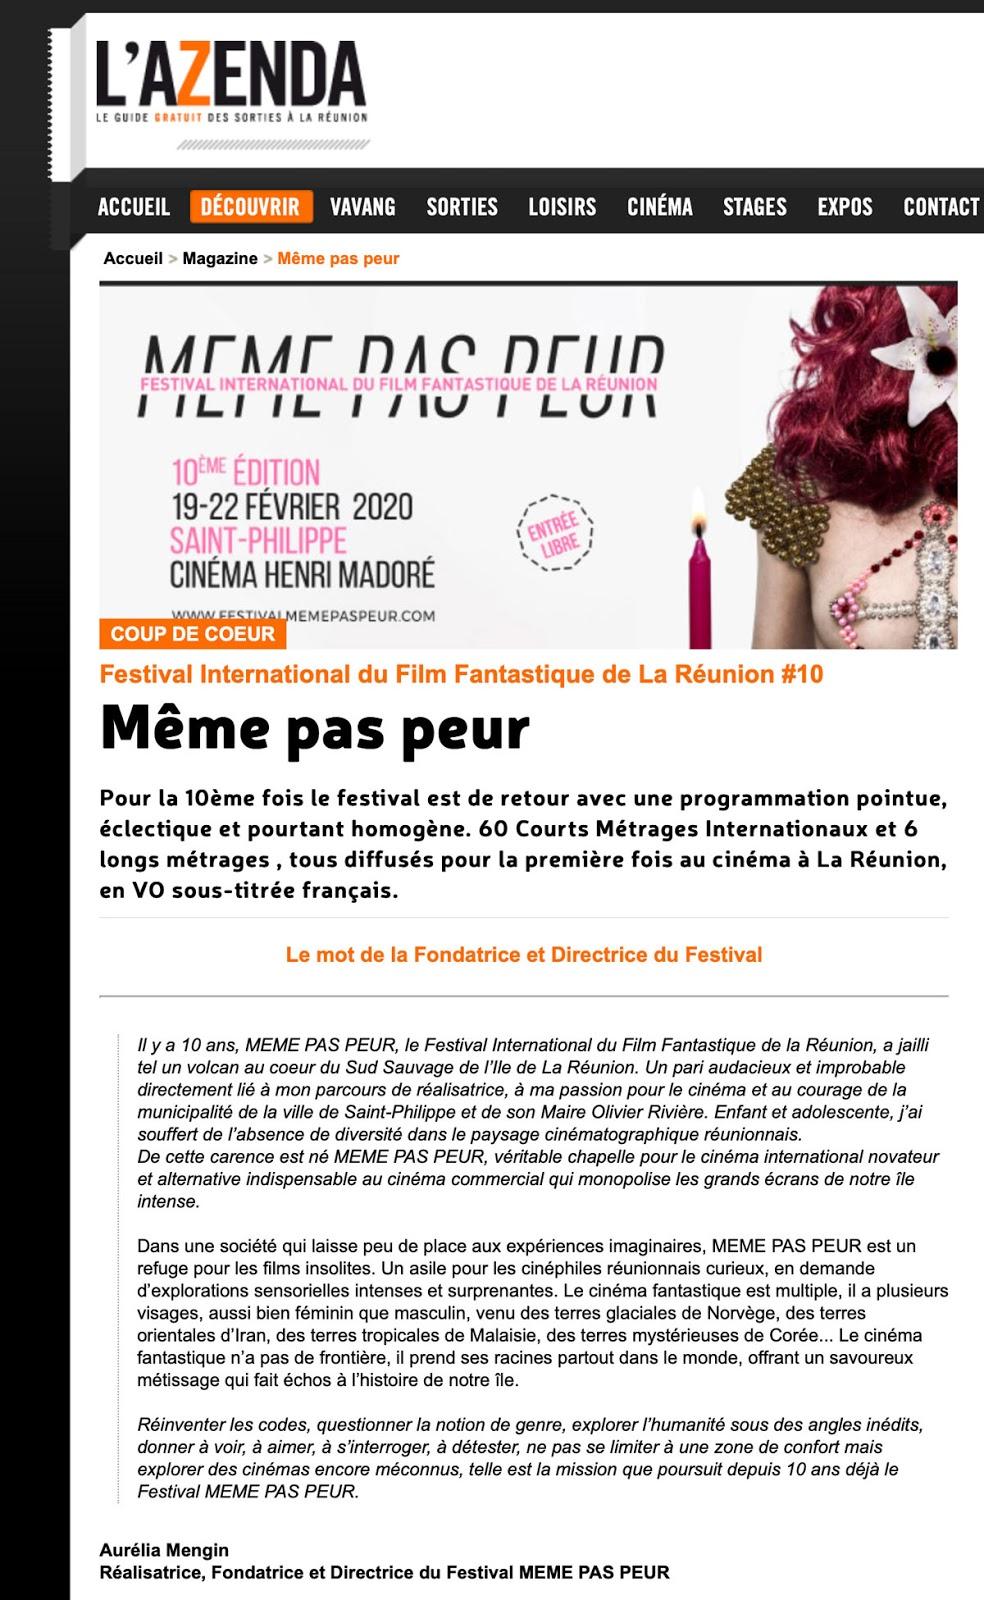 La 10ème édition du Festival MEME PAS PEUR dans L'AZENDA